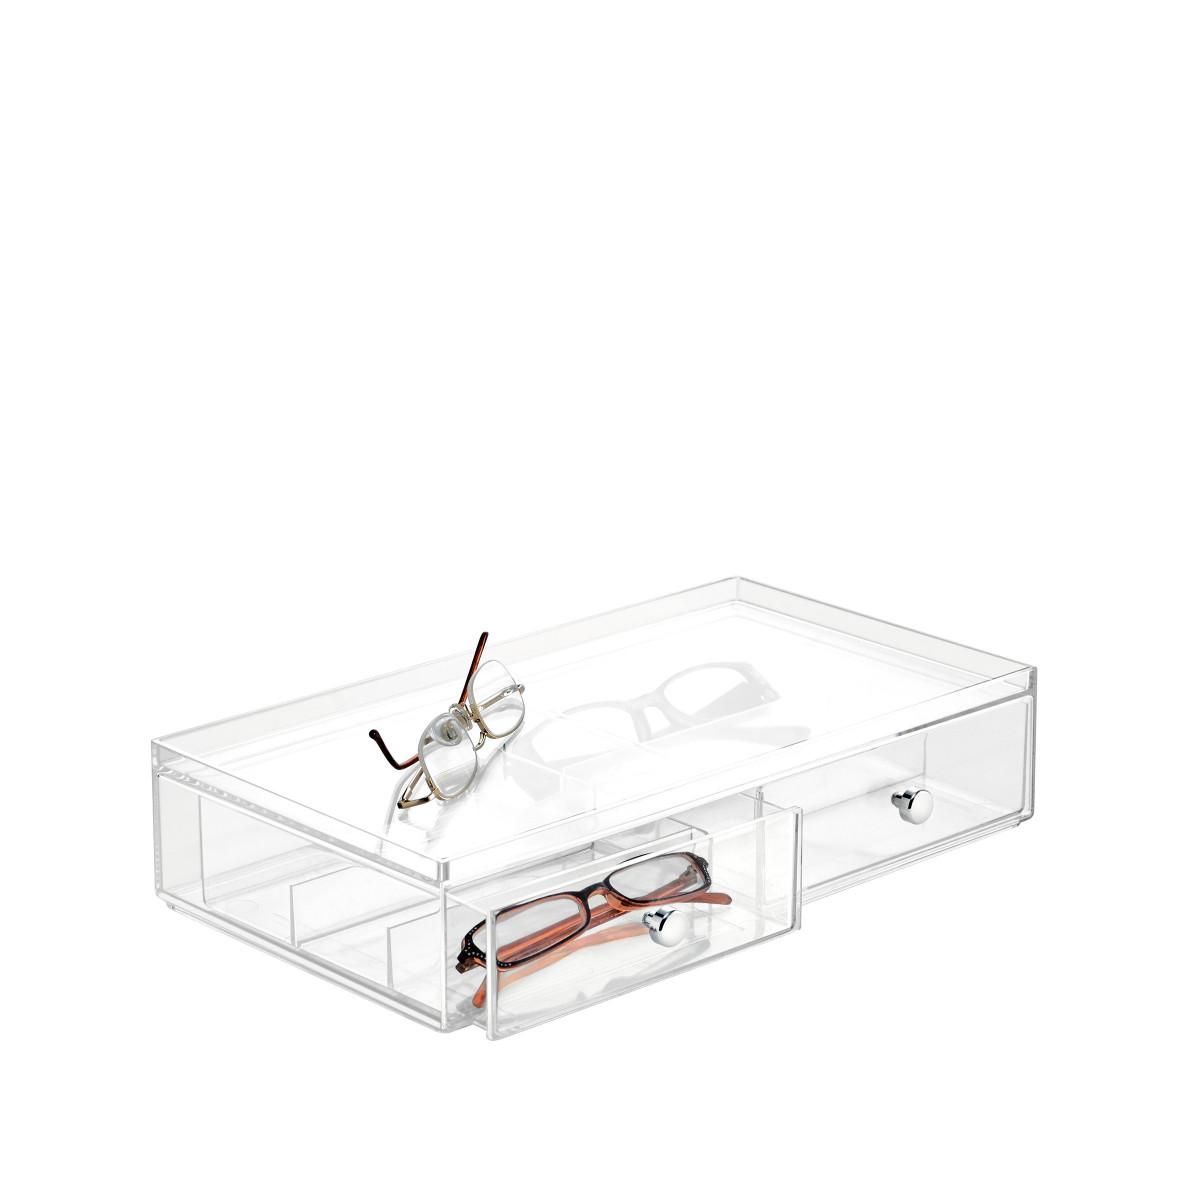 bo te acrylique tiroir compartiments rangement lunettes